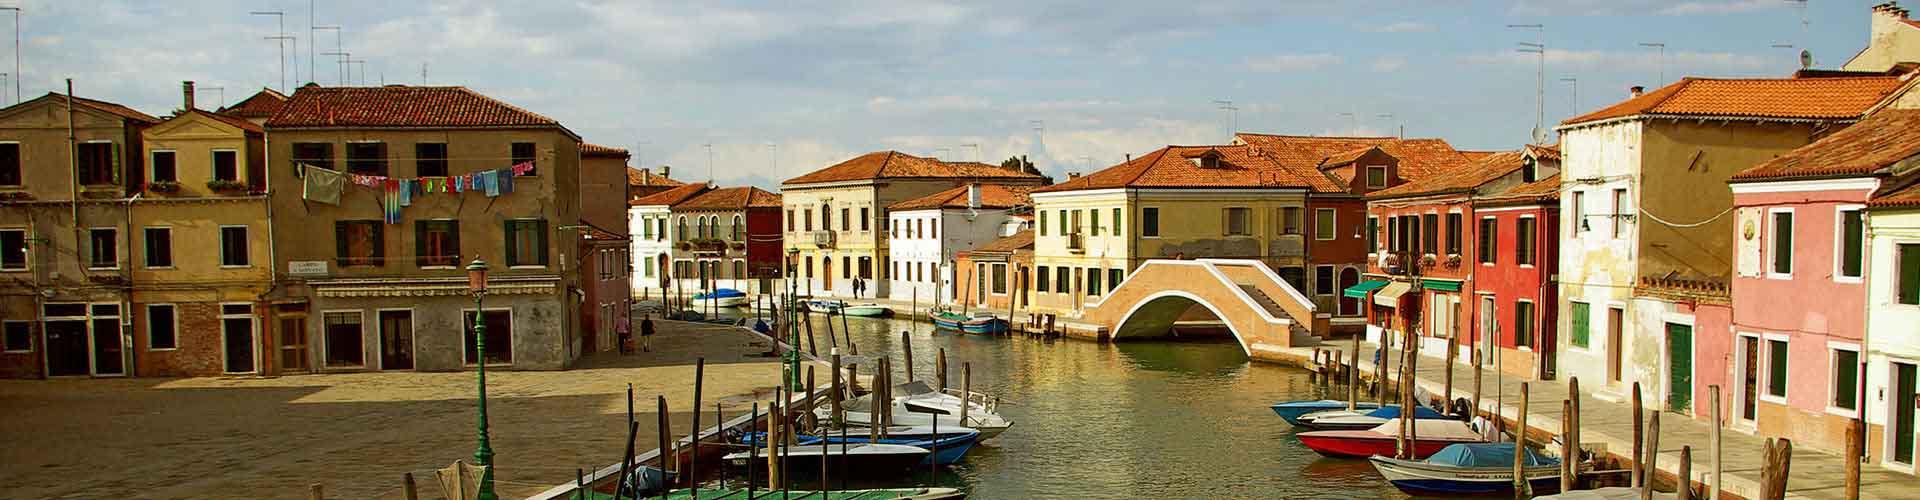 Venecia Mestre - Apartamentos en el distrito Distrito Chirignano, Gazzera. Mapas de Venecia Mestre, Fotos y comentarios de cada Apartamento en Venecia Mestre.